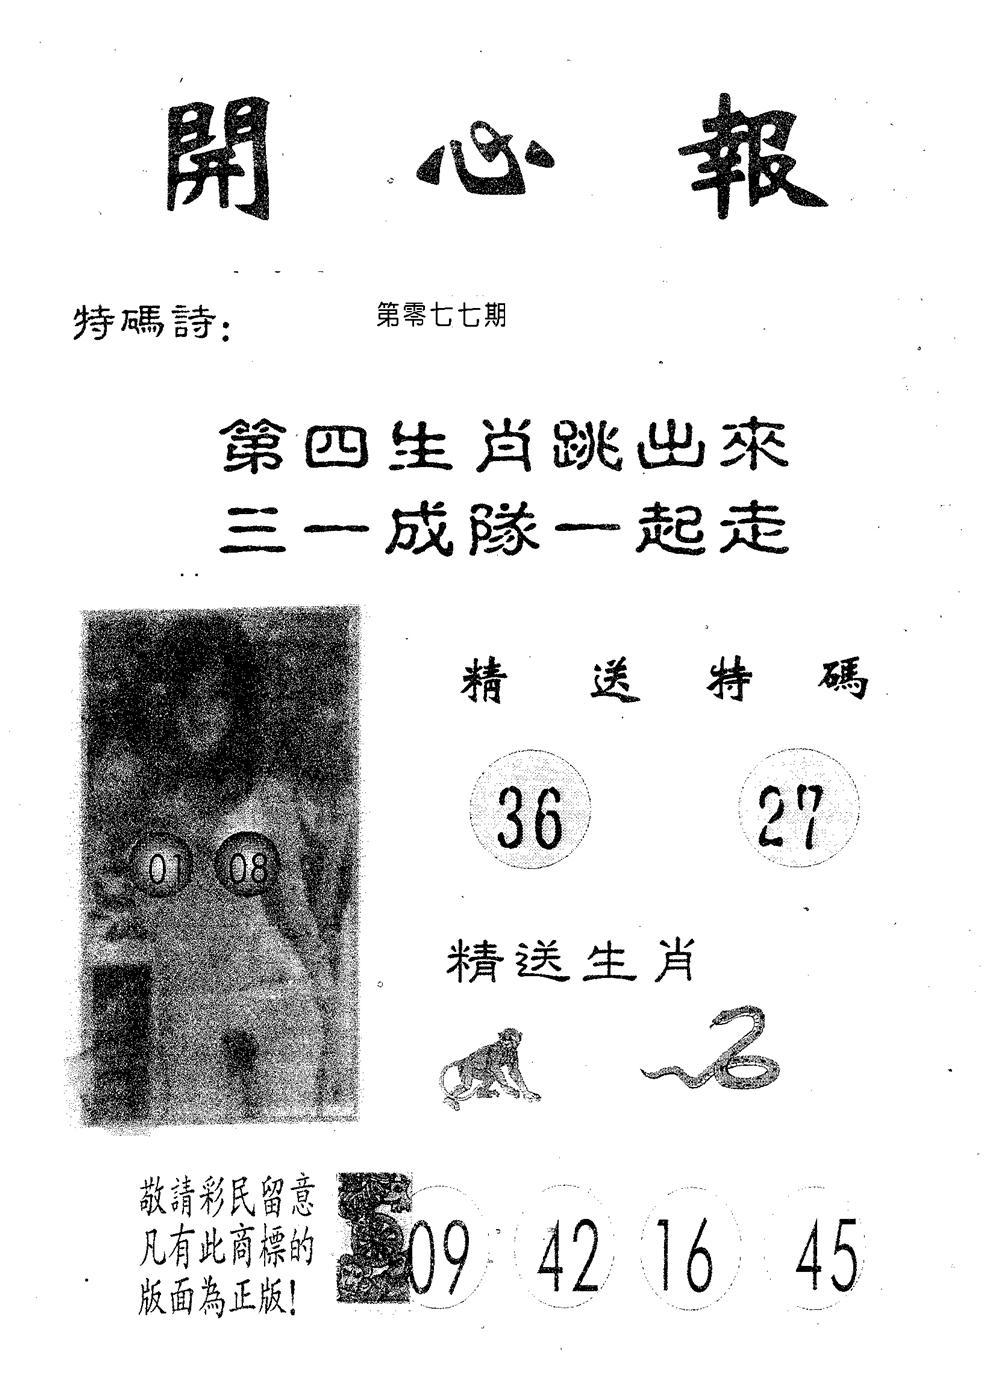 077期开心报(黑白)